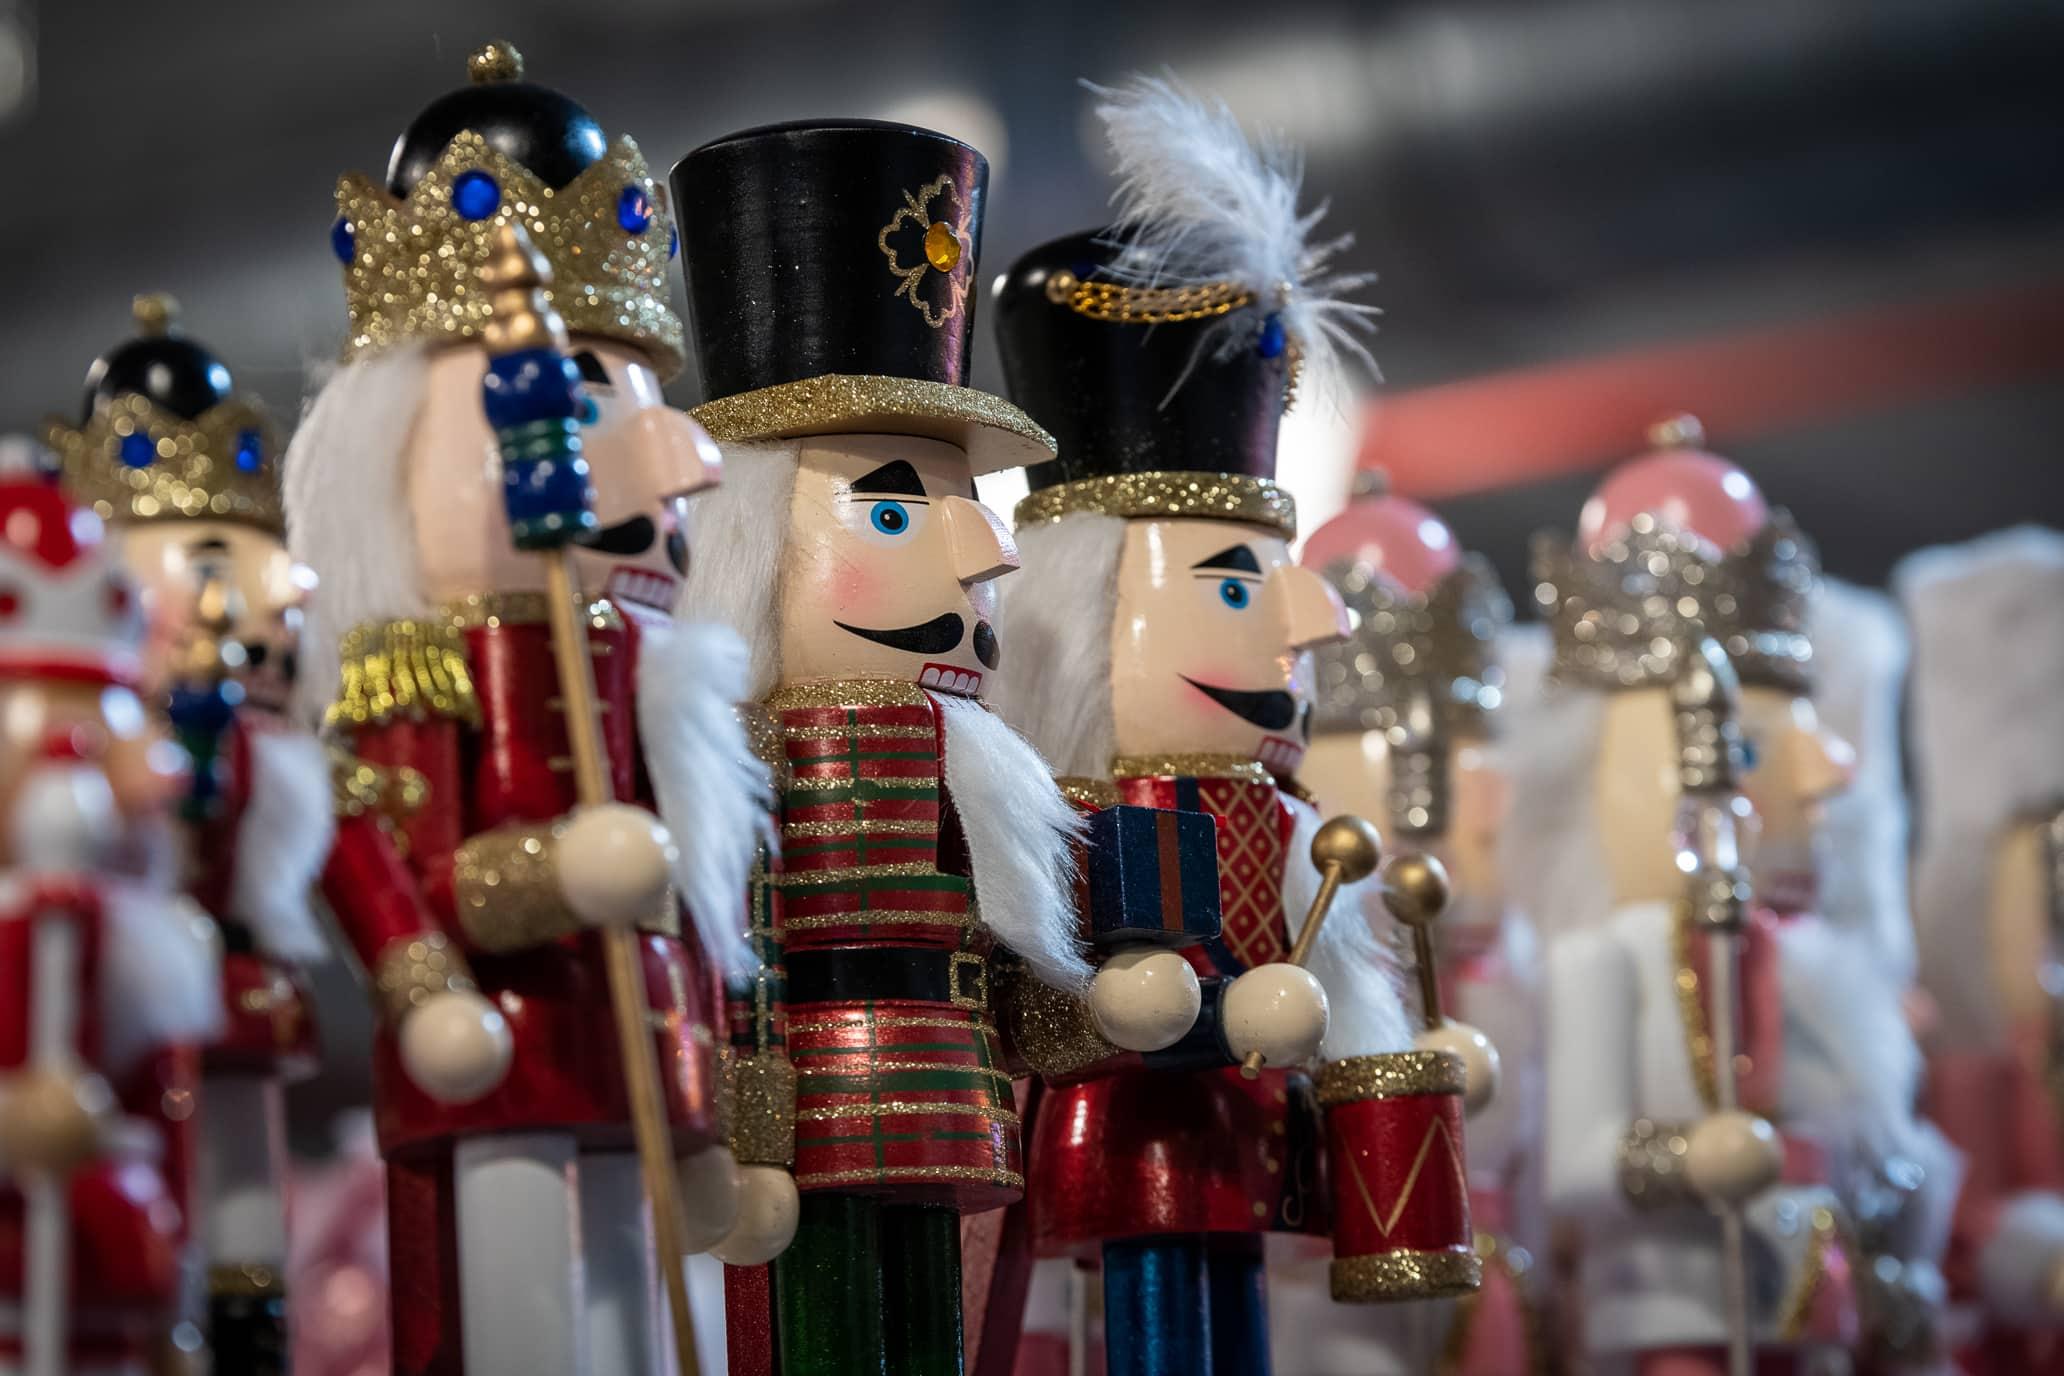 Venez visiter notre marché de Noël.